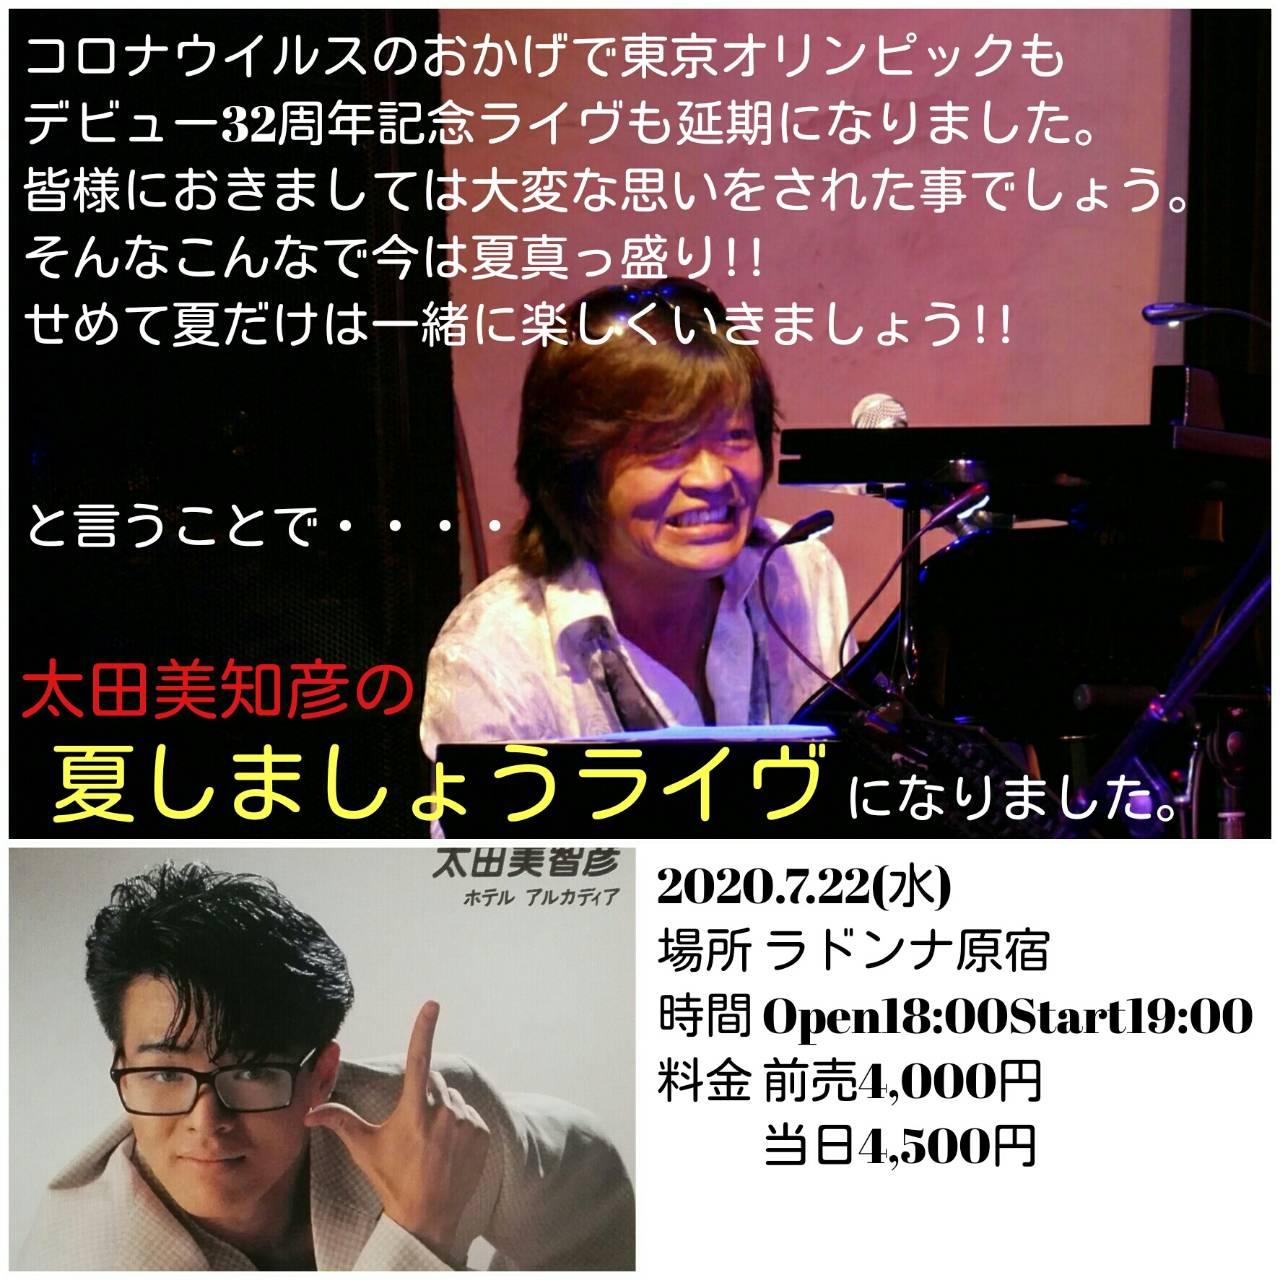 太田 美知彦~michihiko Ohta~ソロデビュー32周年ライブ@ラドンナ原宿